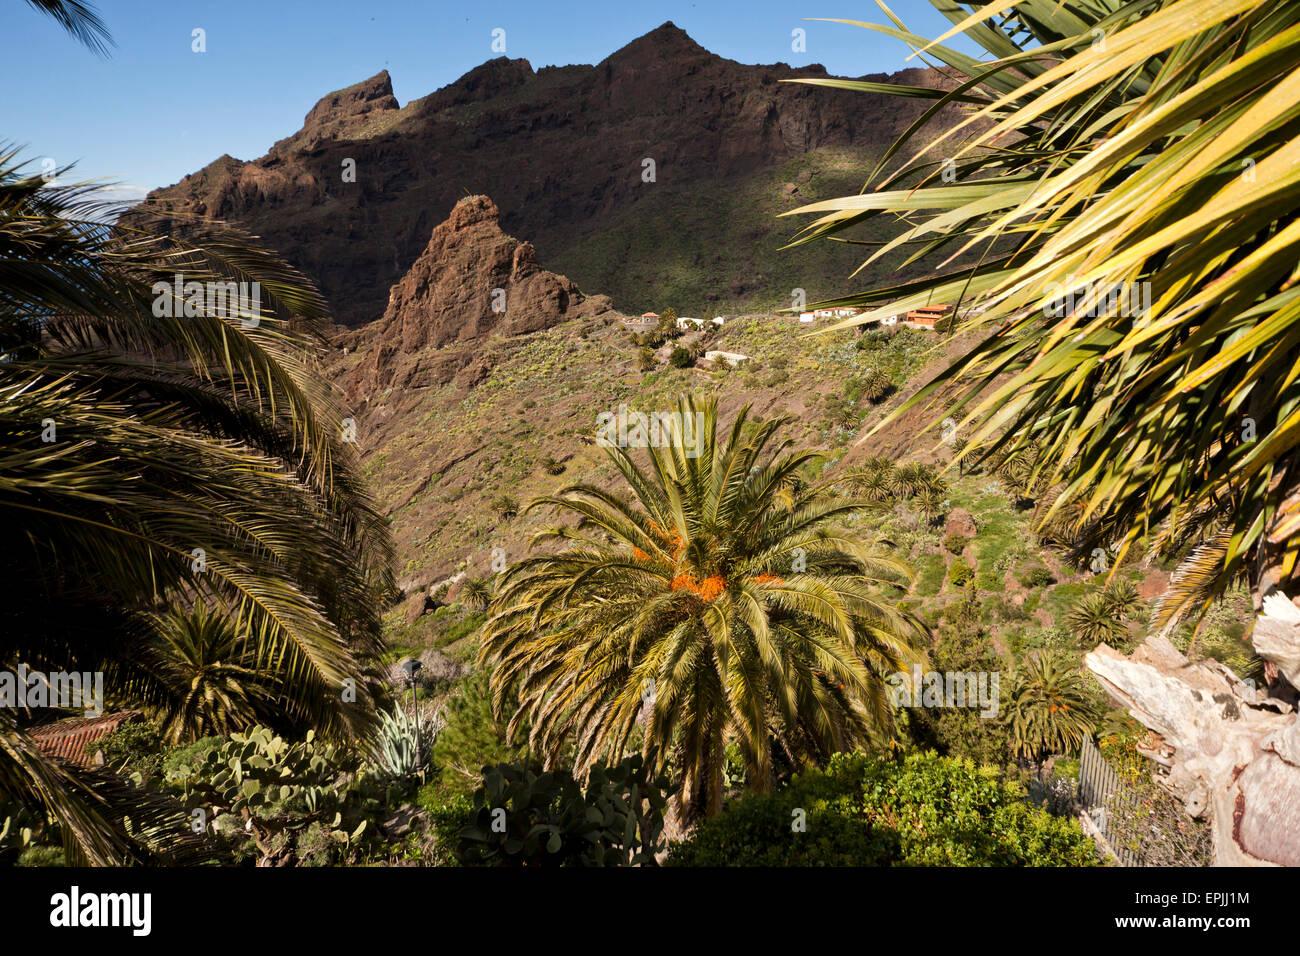 Masca Schlucht und Dorf, Teno-Gebirge, Teneriffa, Kanarische Inseln, Spanien, Europa Stockbild